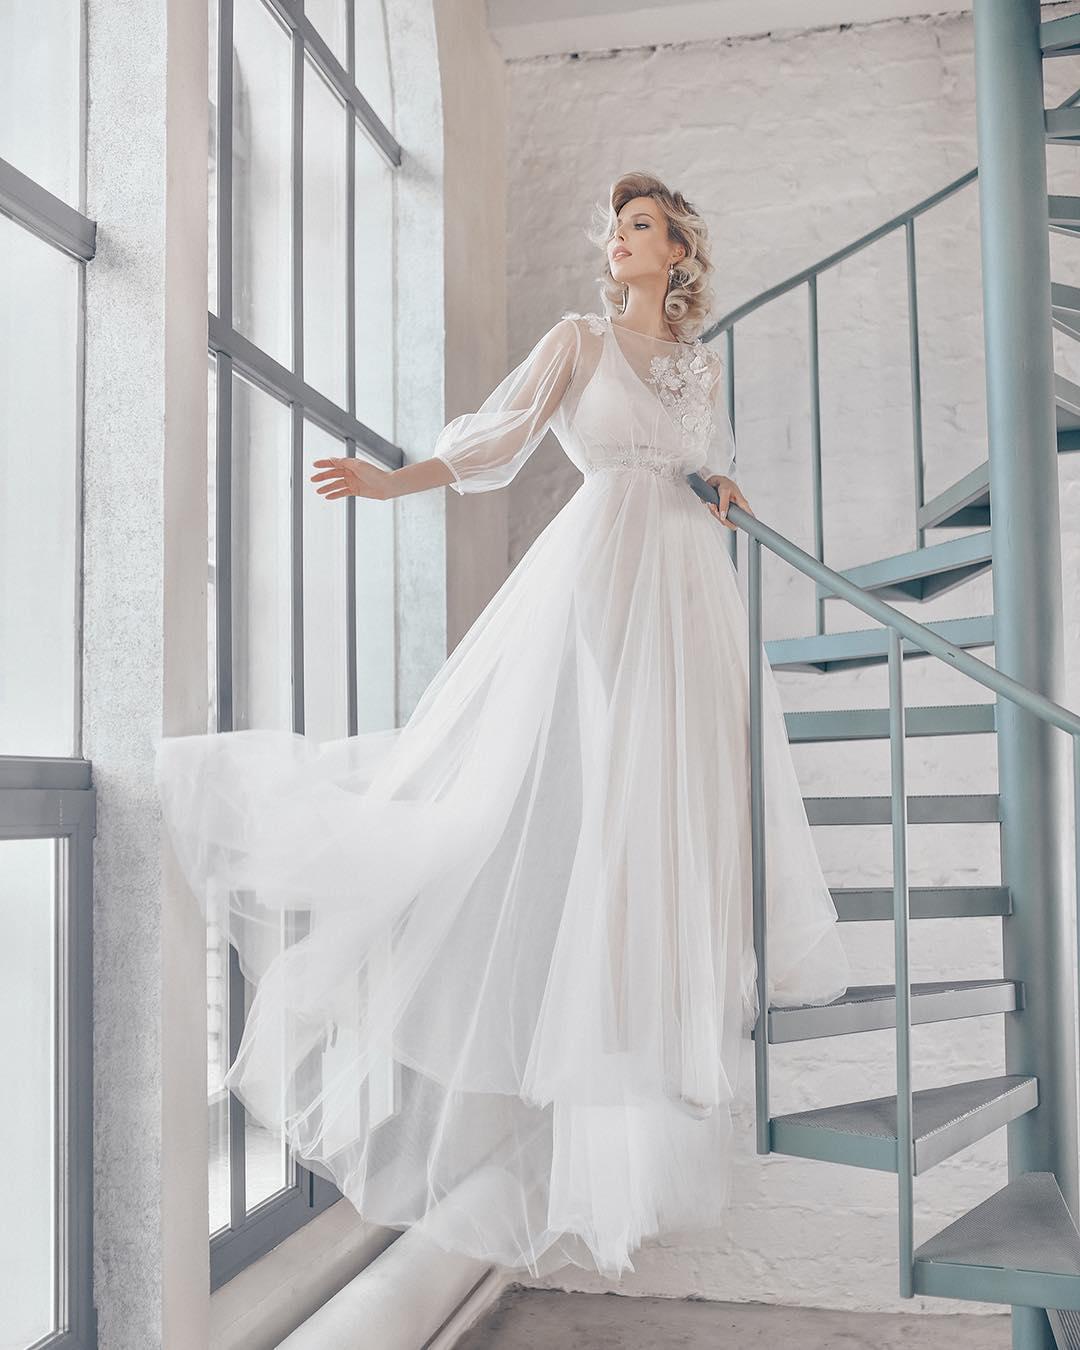 Модни сватбени рокли 2020: най-актуалните тенденции на тази година (+20 снимки)